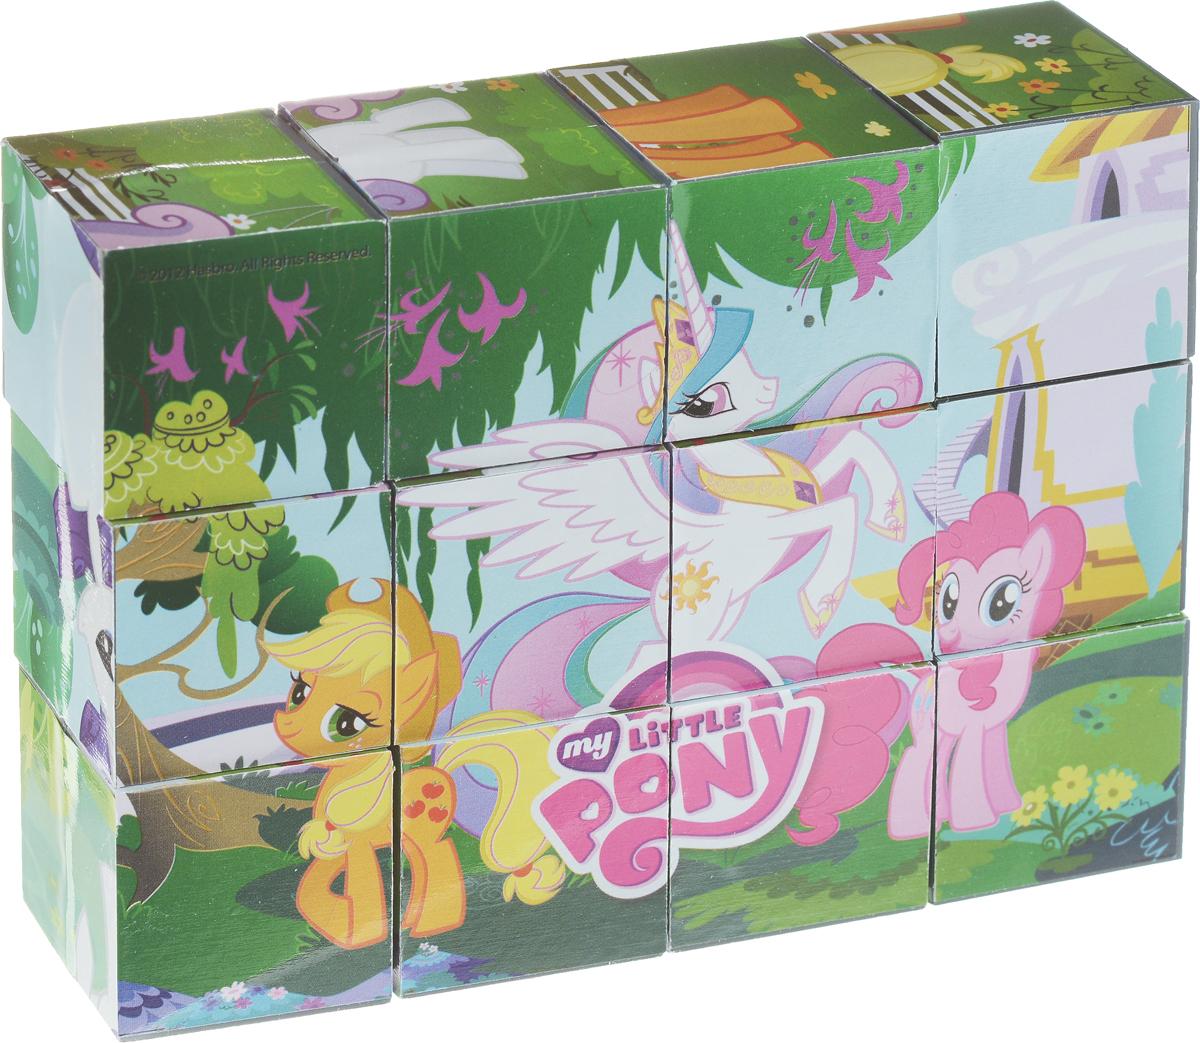 Играем вместе Кубики My Little Pony01112С помощью двенадцати кубиков Играем вместе My Little Pony ребенок сможет собрать целых шесть красочных картинок с изображением сюжетов из любимого мультфильма. Кубики - самая популярная и самая необходимая игрушка для малыша. Игра с кубиками развивает зрительное восприятие, наблюдательность и внимание, мелкую моторику рук и произвольные движения. Ребенок научится складывать целостный образ из частей, определять недостающие детали изображения. Это прекрасный комплект для развлечения и времяпрепровождения с пользой для малыша.